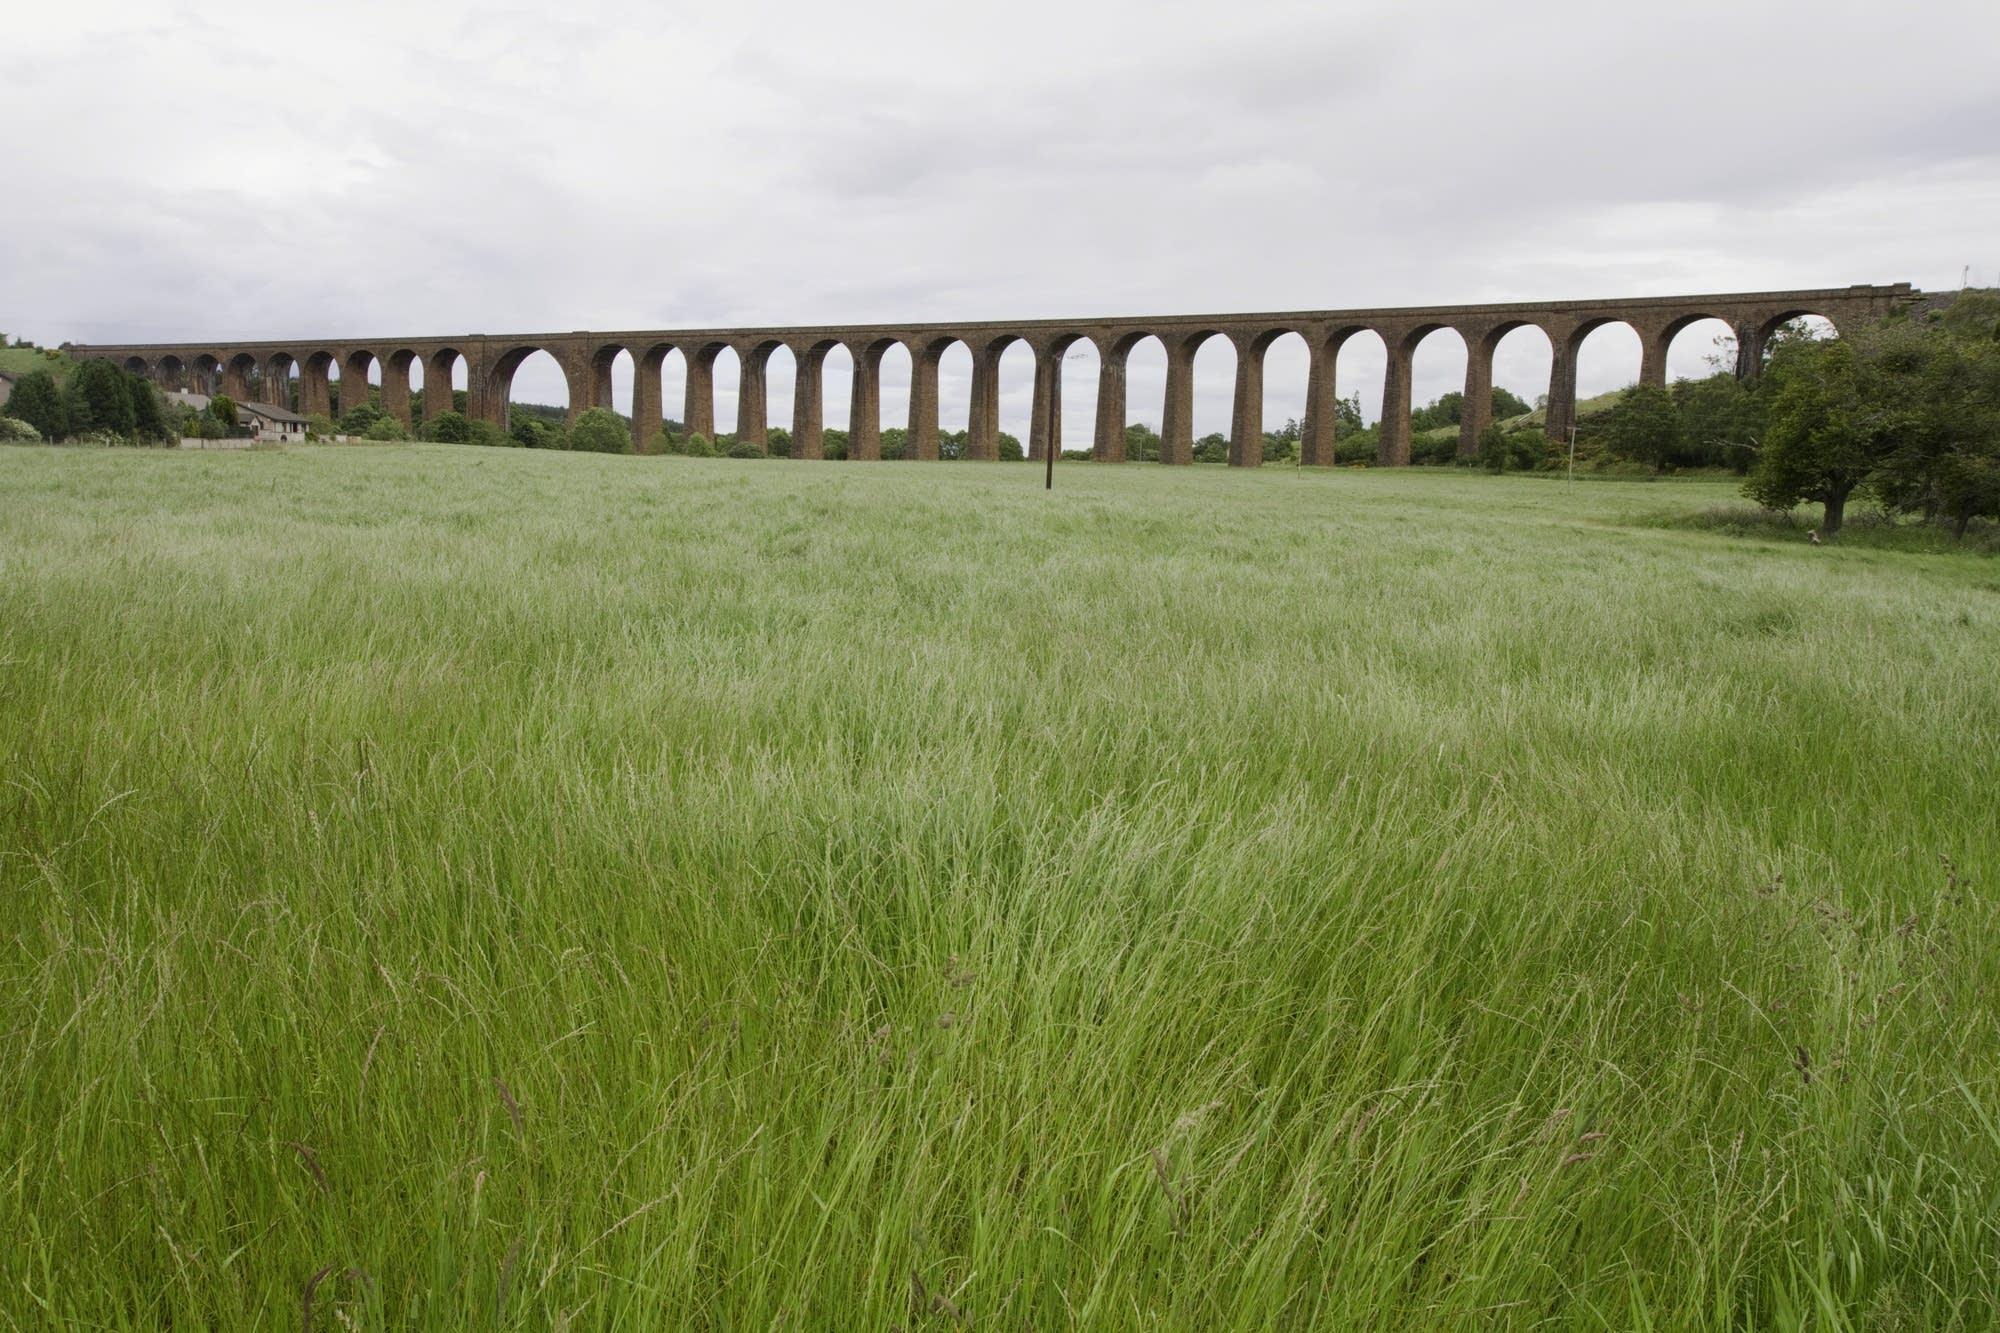 Edinburgh - 35 - Aquaduct and field